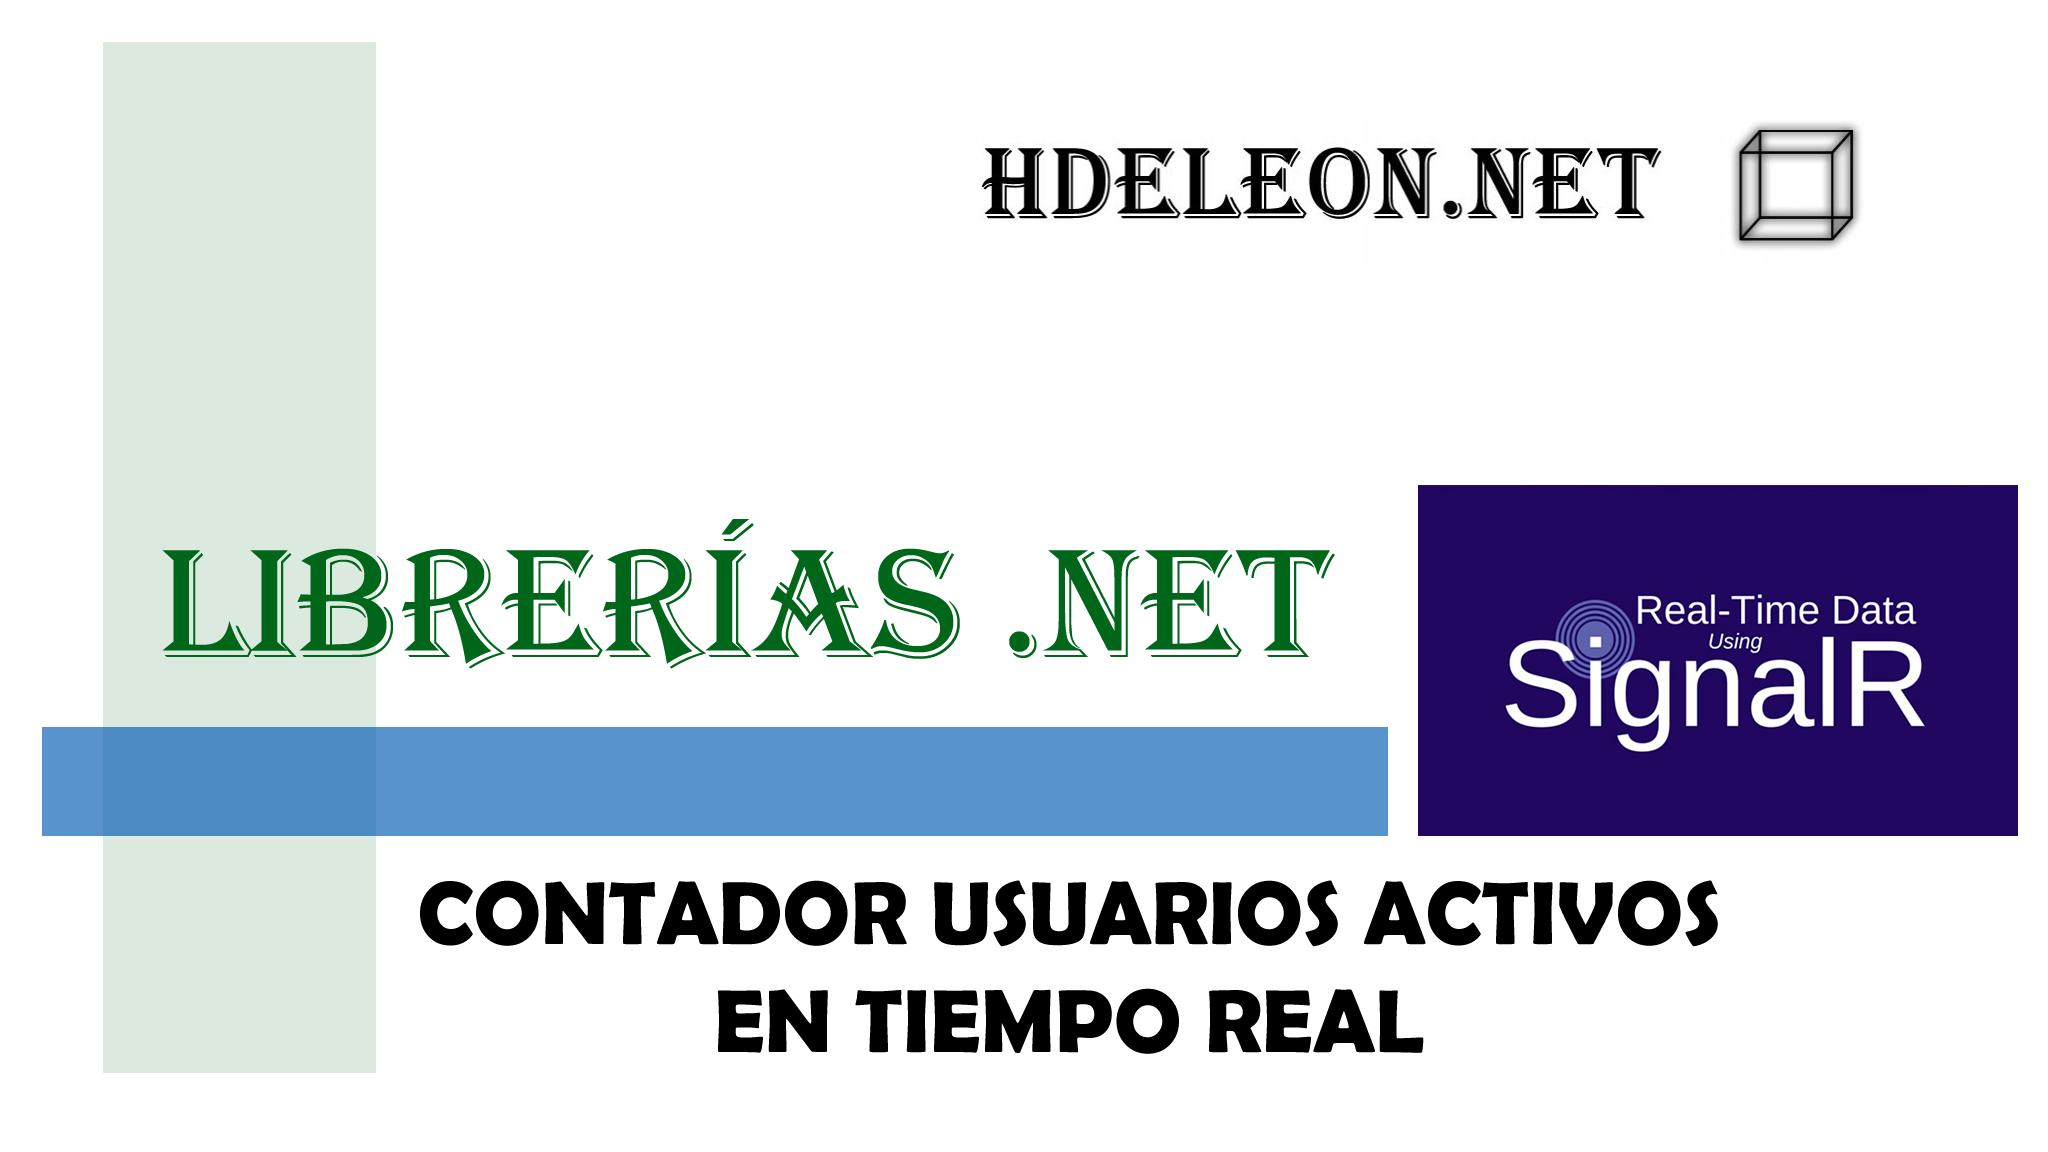 ¿Cómo mostrar los usuarios activos en tiempo real en C# .Net con SignalR?, Real time